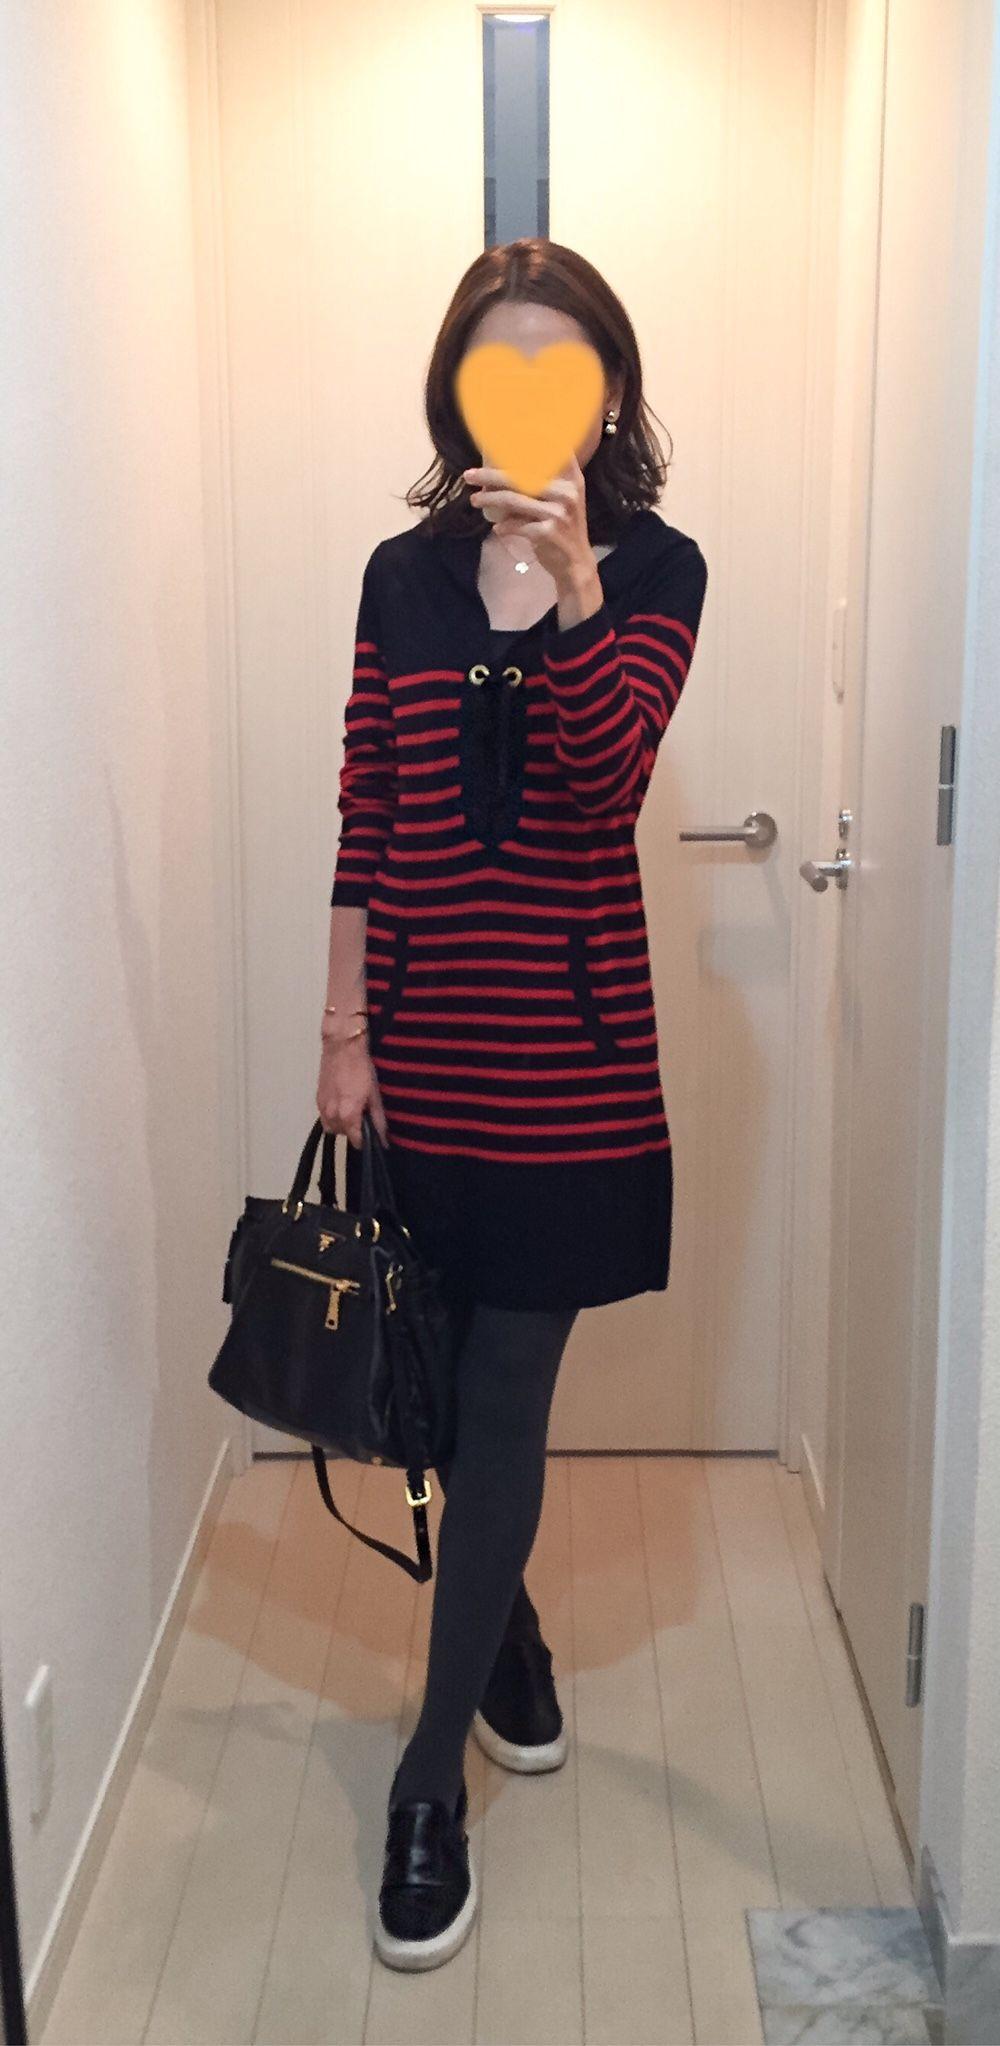 熟女 スリップ Navy-red Striped dress: MACPHEE, Bag: PRADA, Leather slip-ons